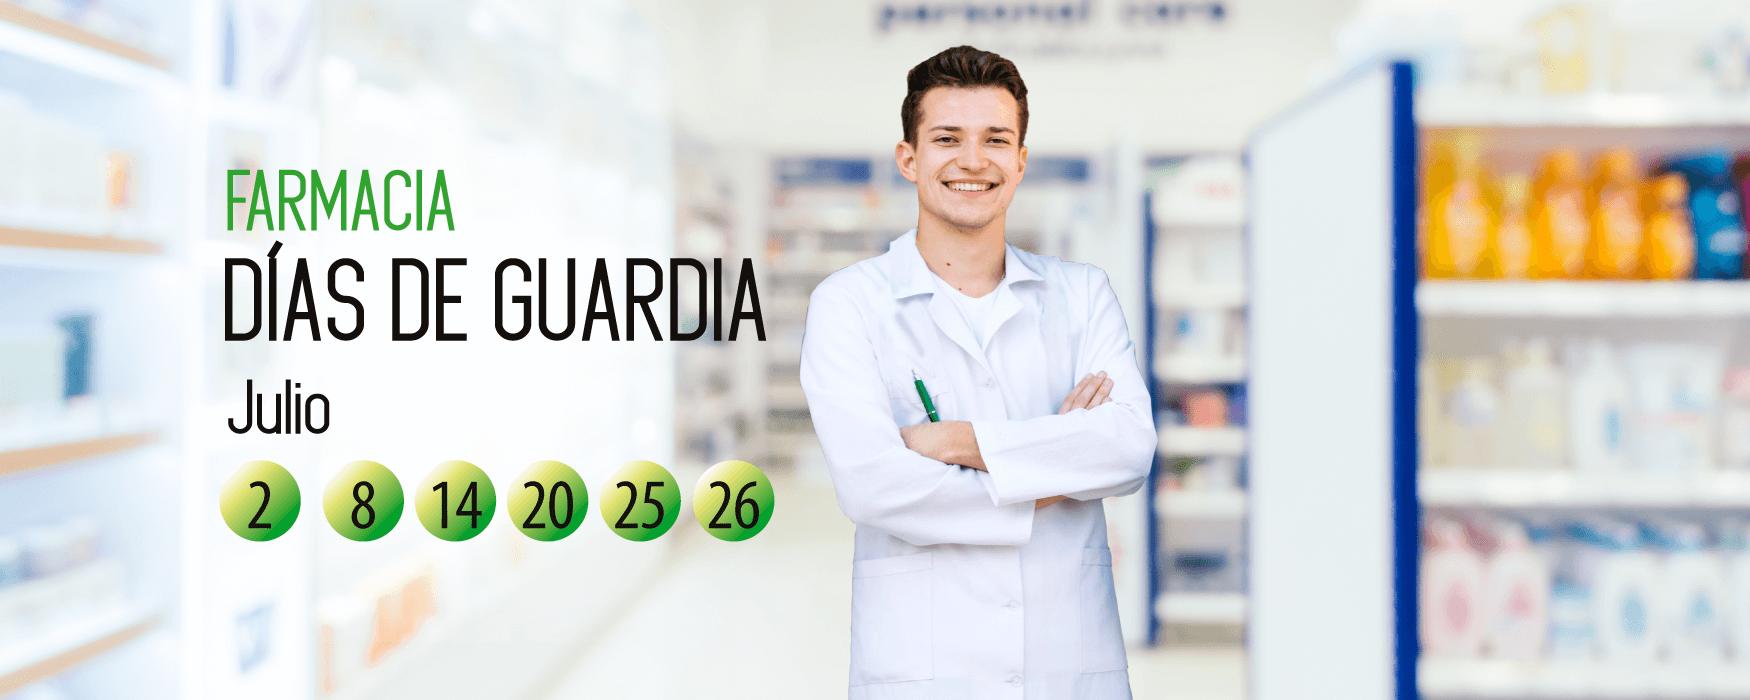 farmacia-turno-julio